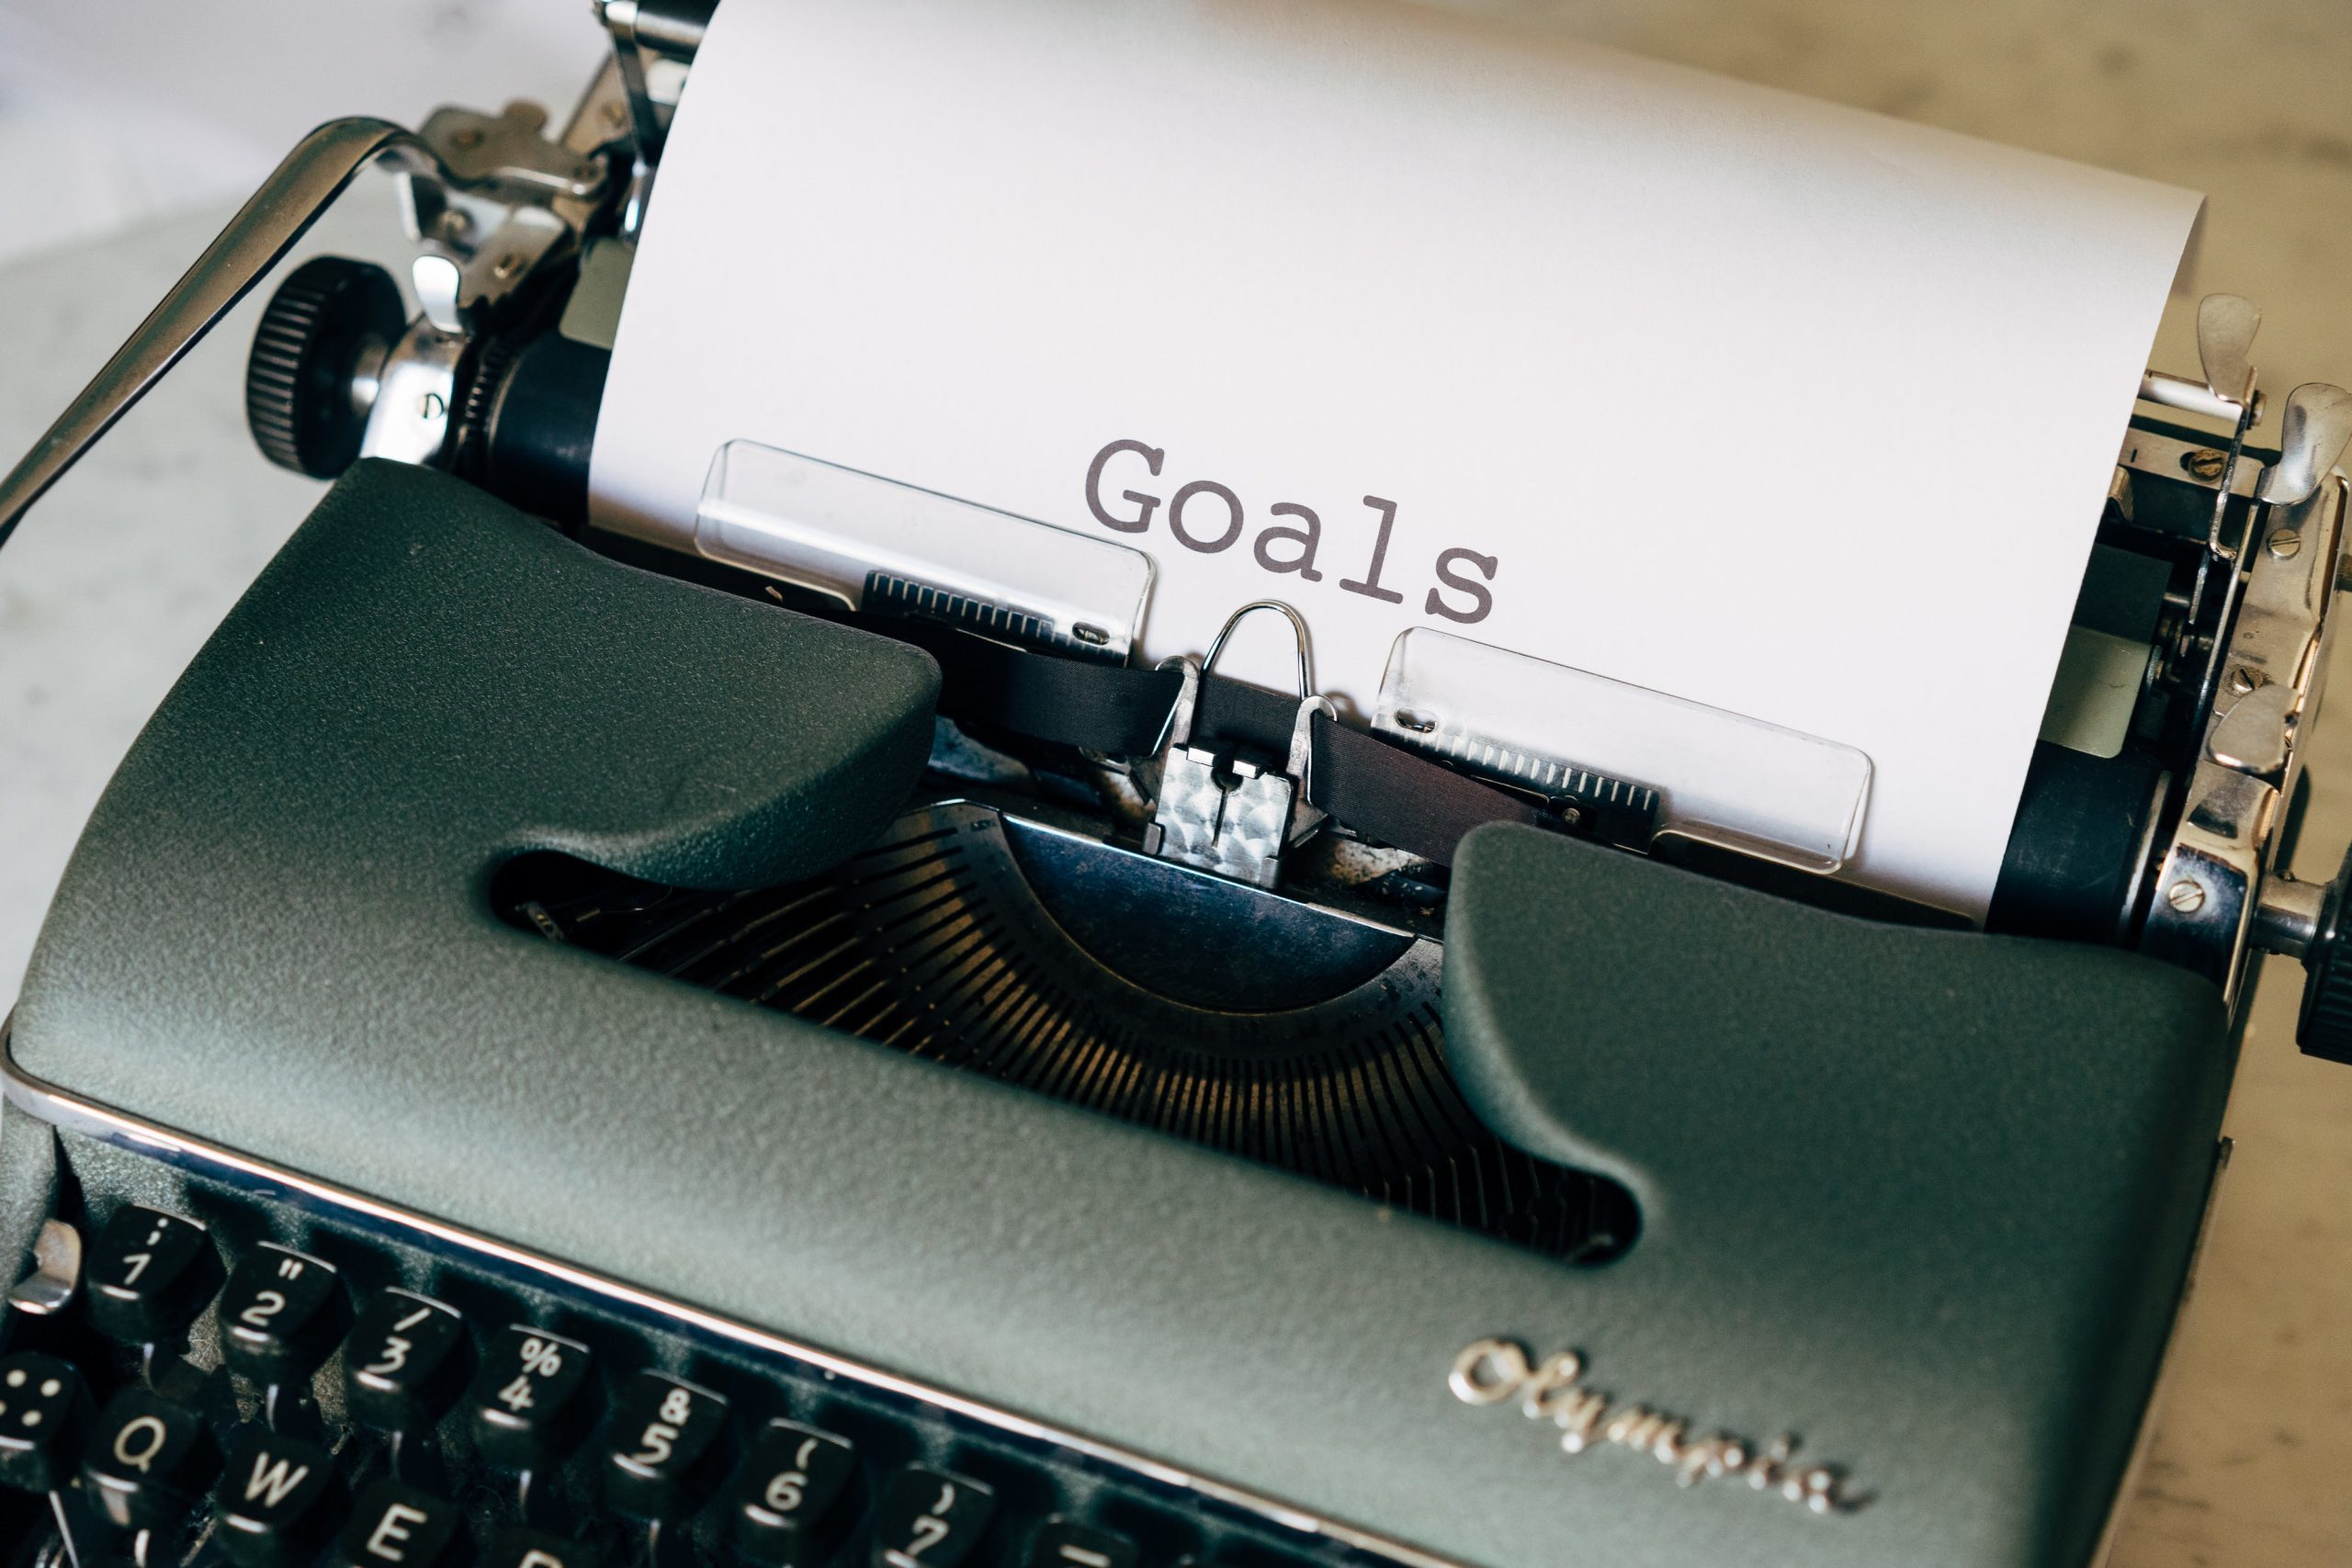 Writing goals on a typewriter